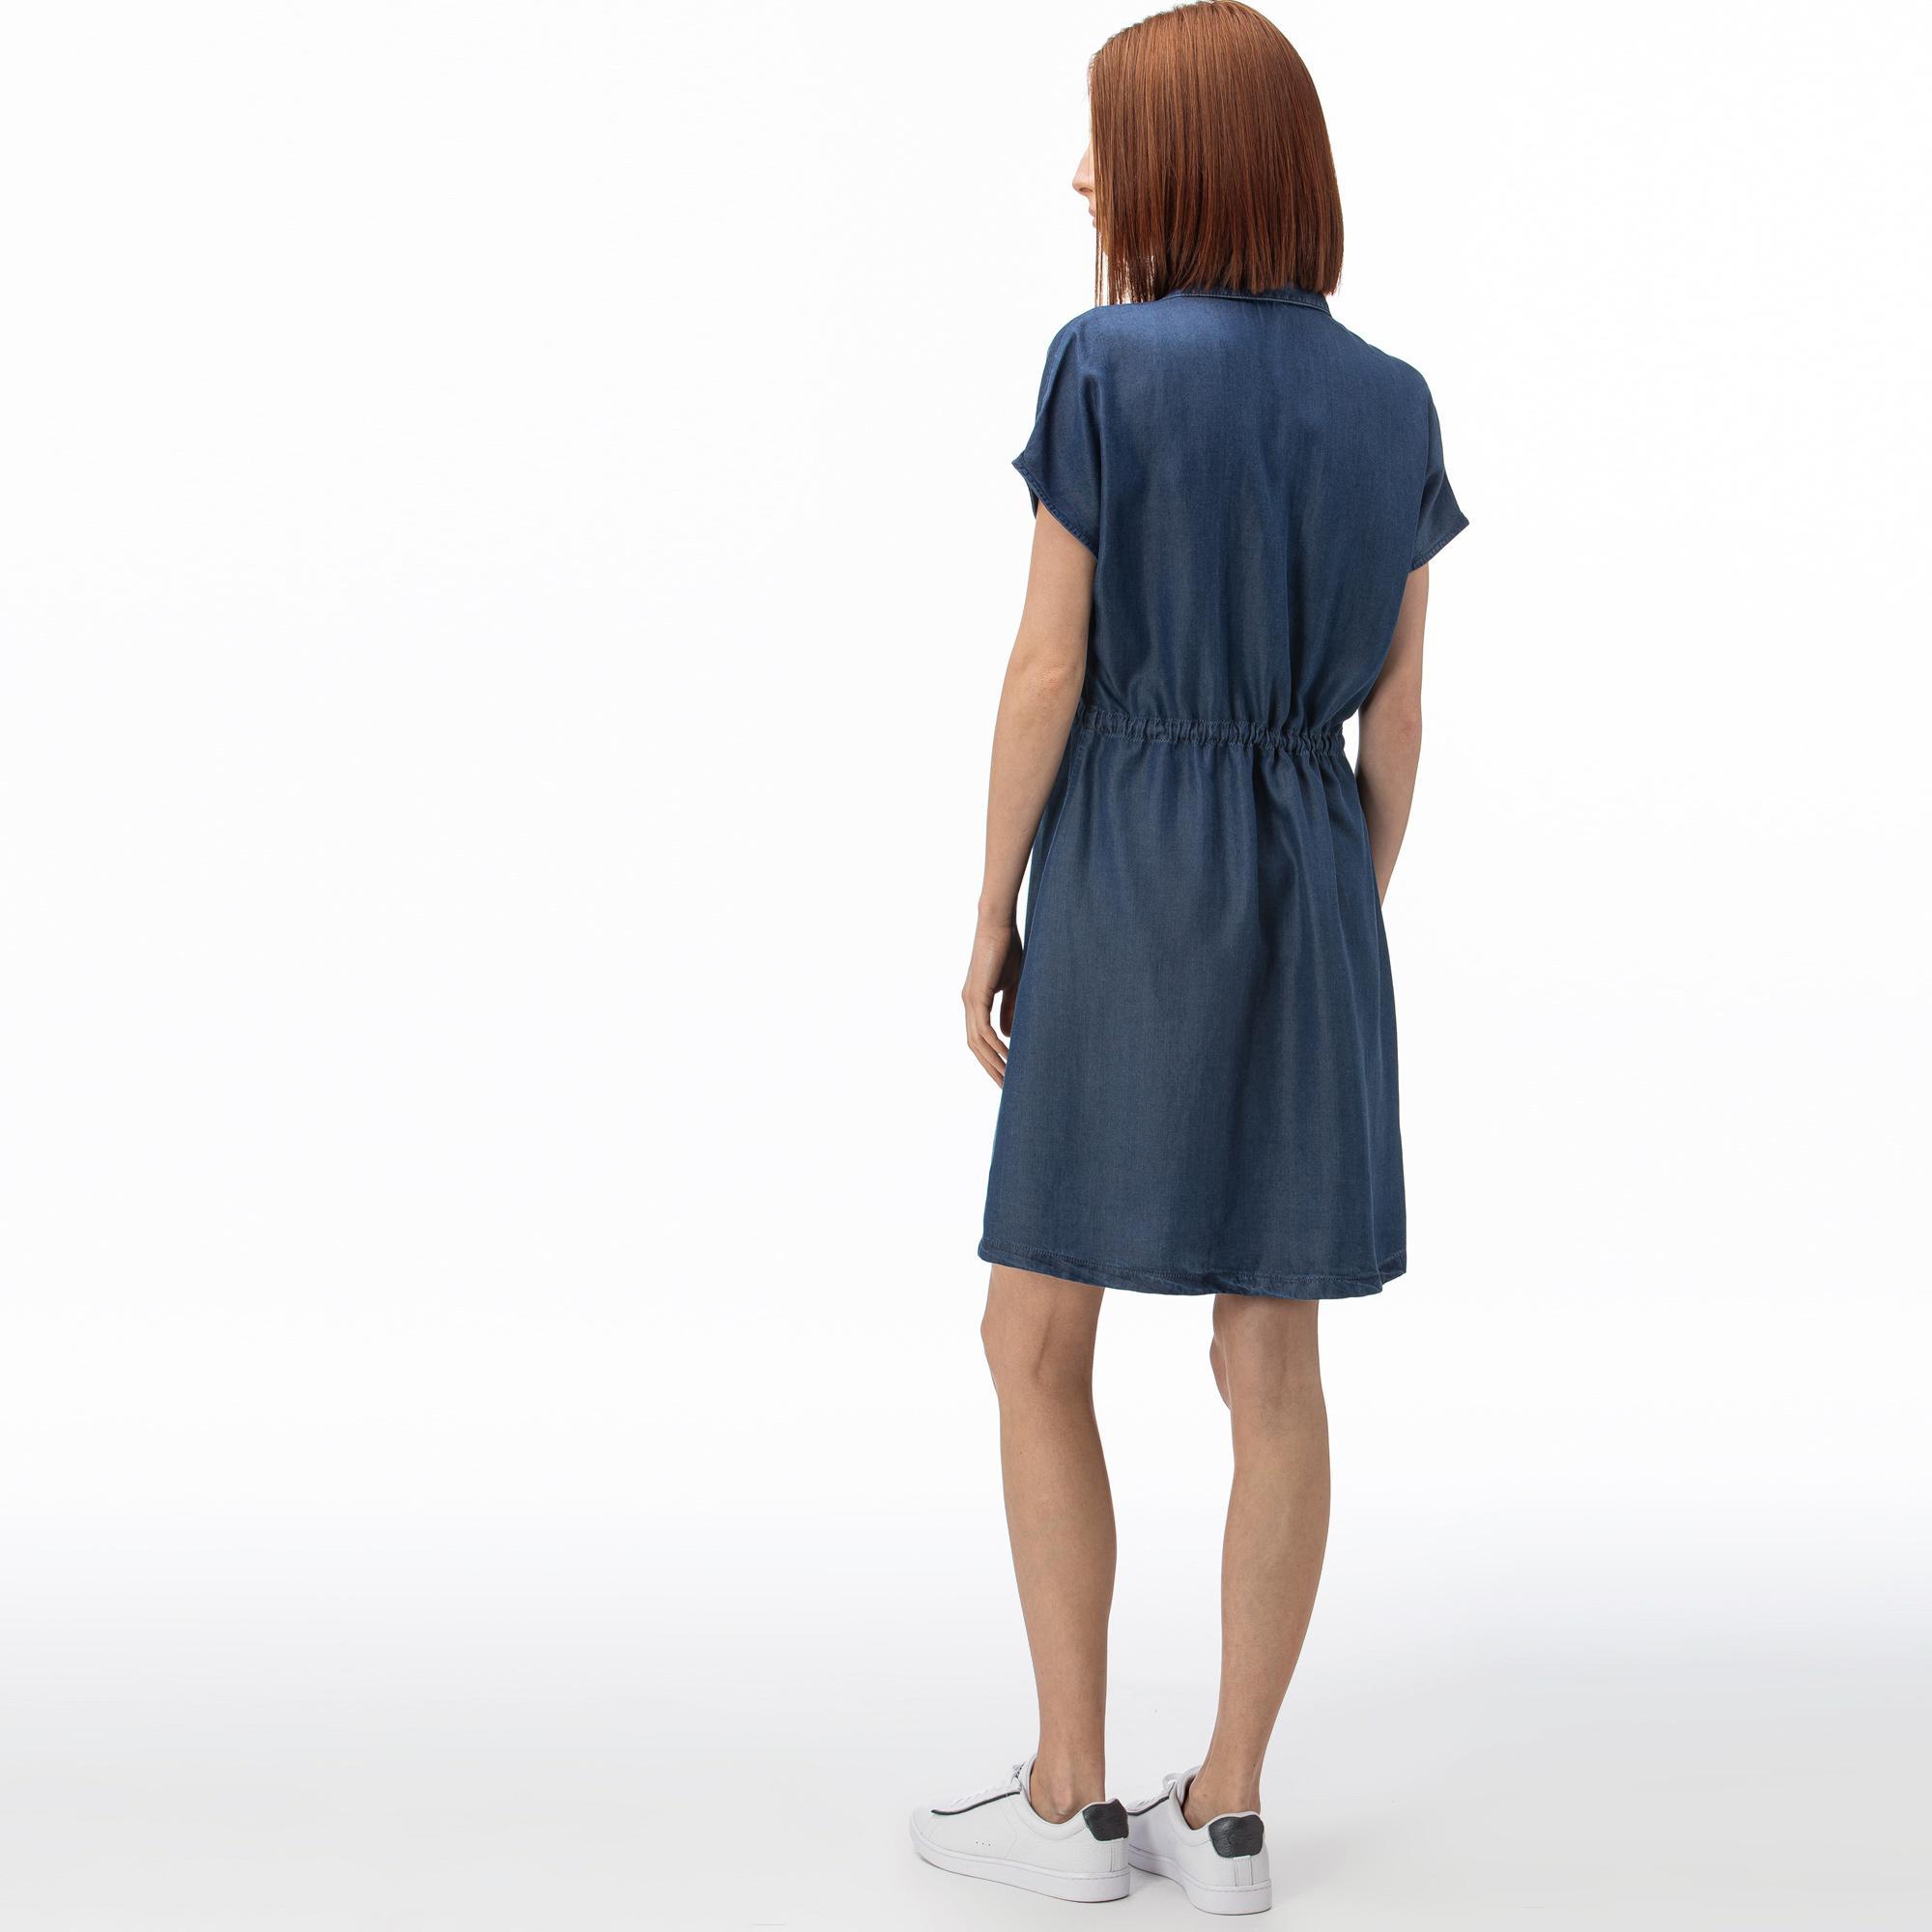 Lacoste Kadın Kısa Kollu Denim Lacivert Elbise